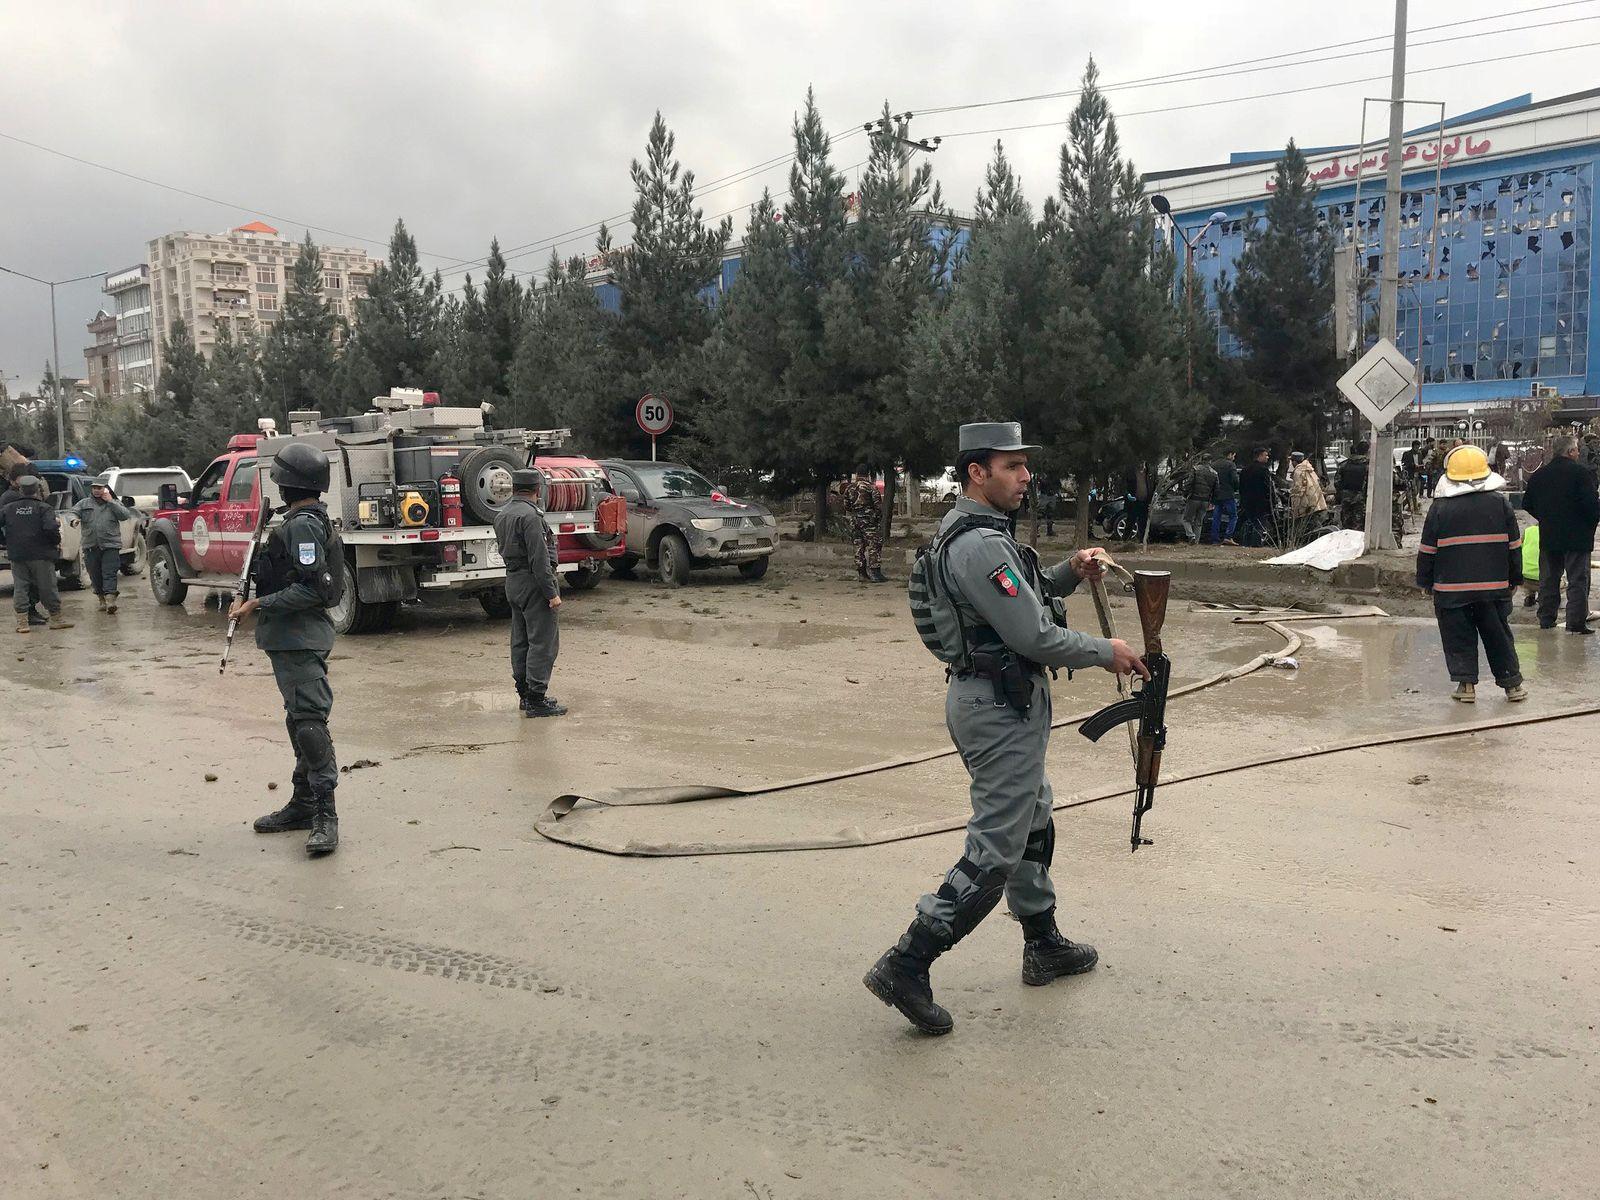 Kabul/ Anschlag/ 16.11.2017